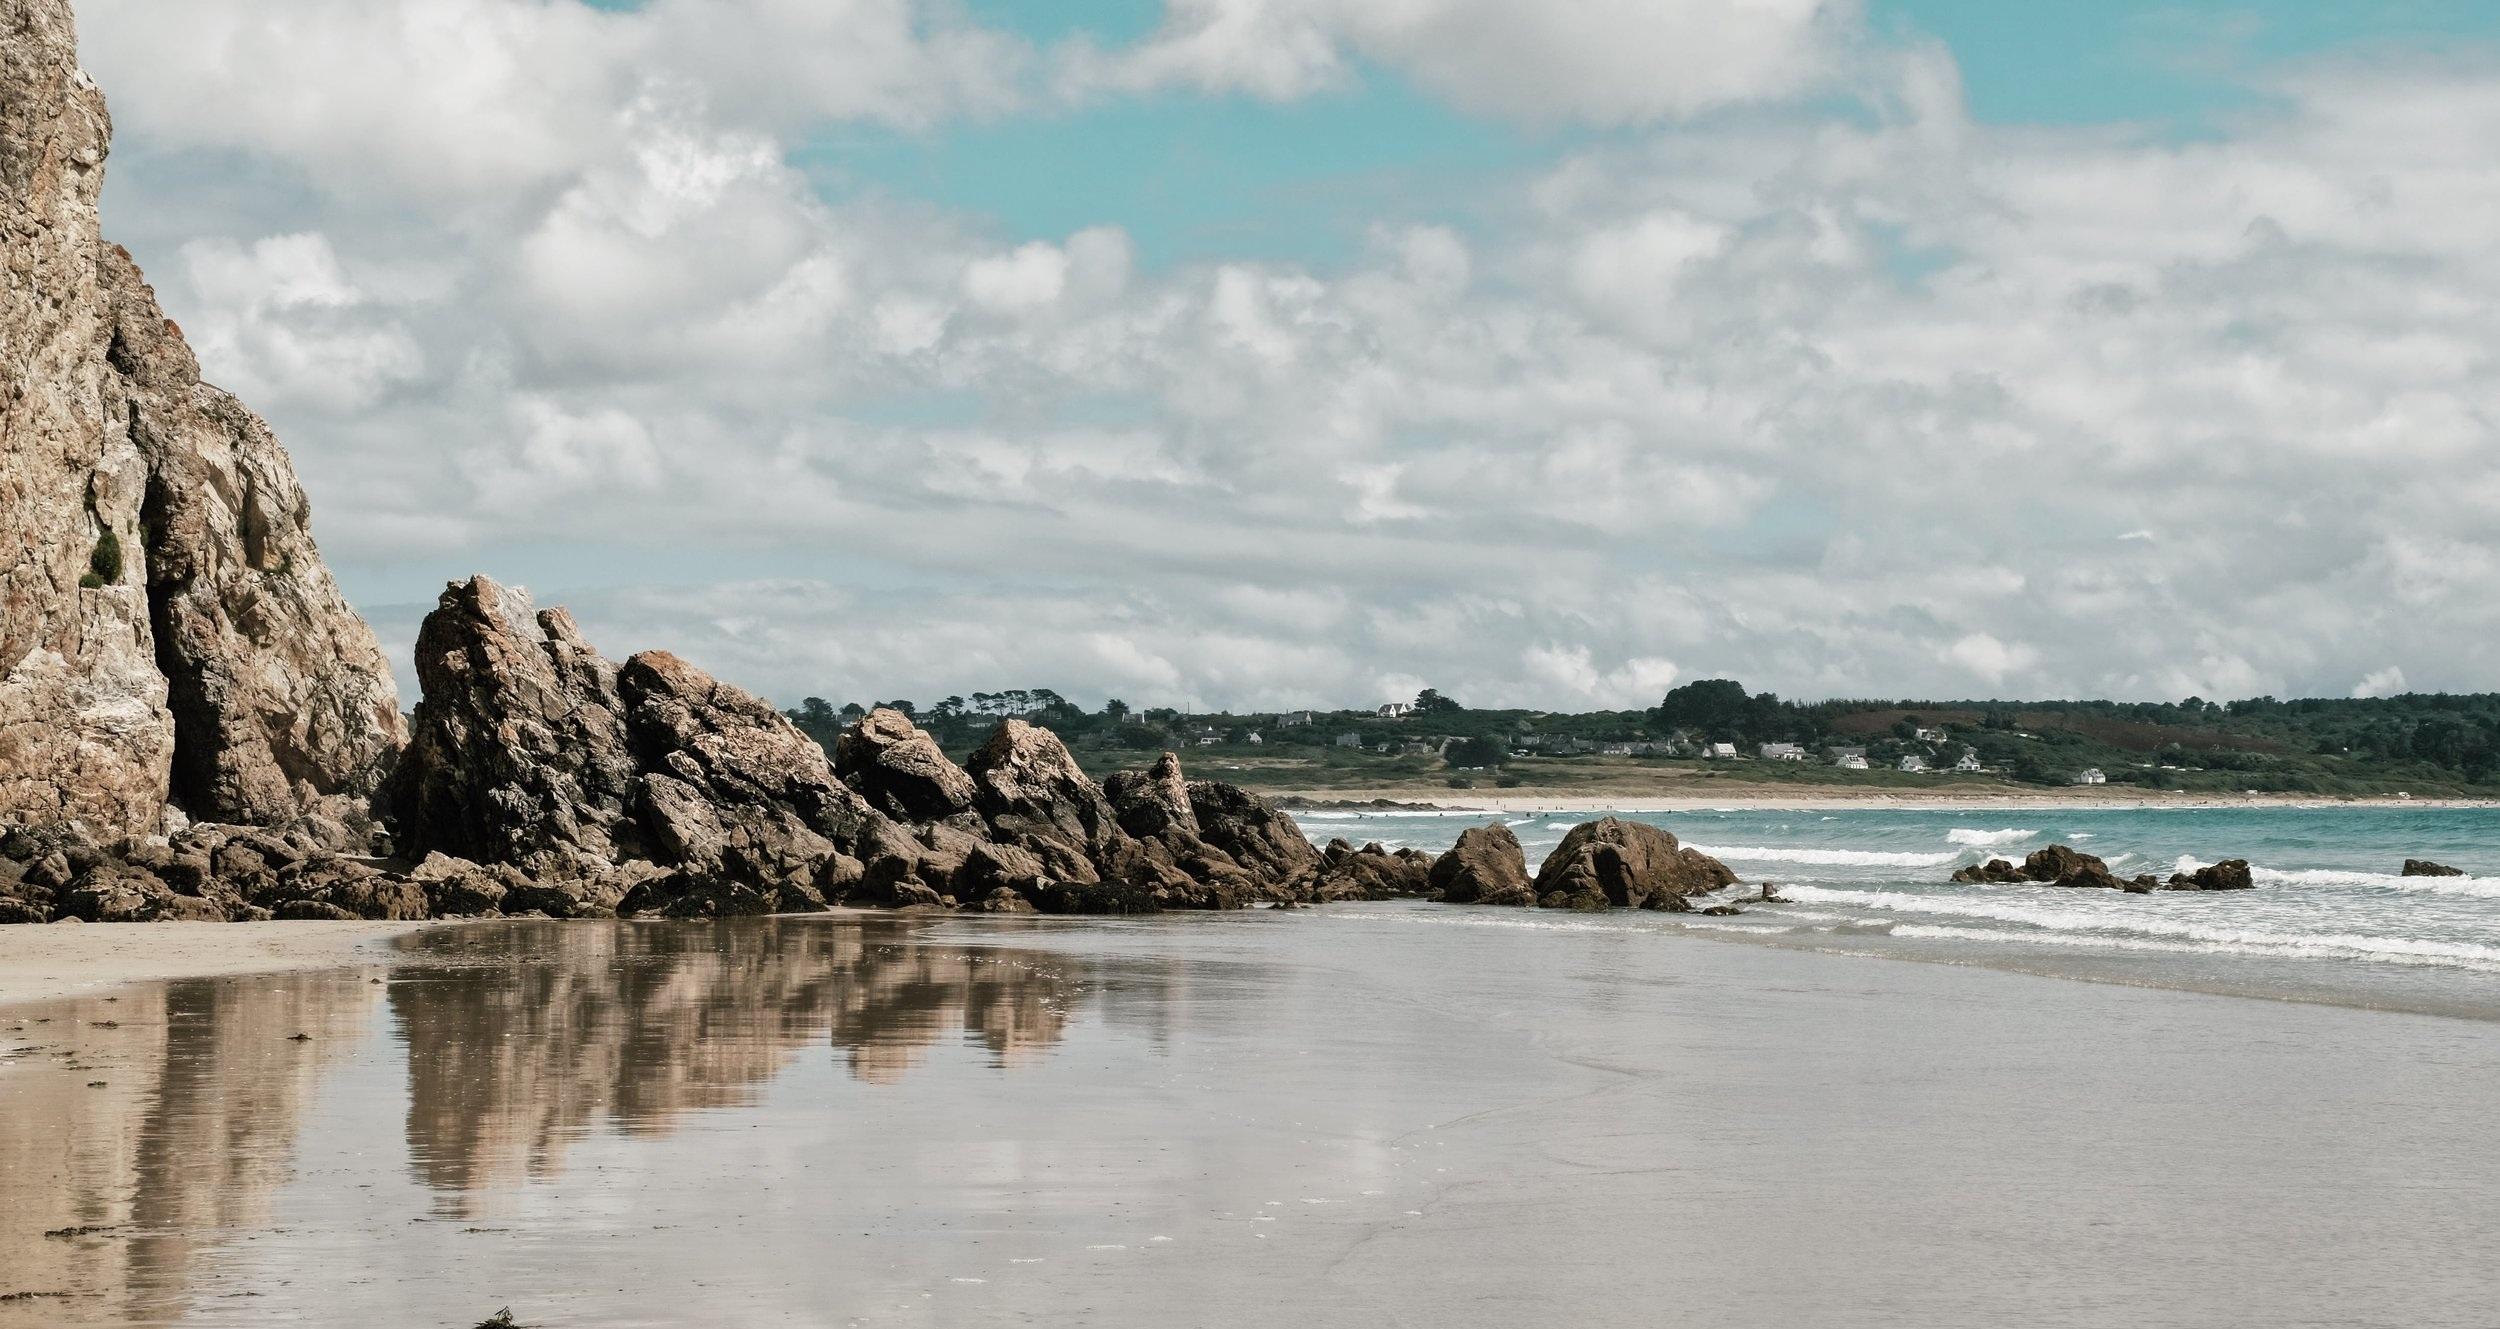 Carnet Sauvage - blog voyage Lille - visiter la Bretagne - presqu'ile de Crozon - plage de kerloch6.JPG